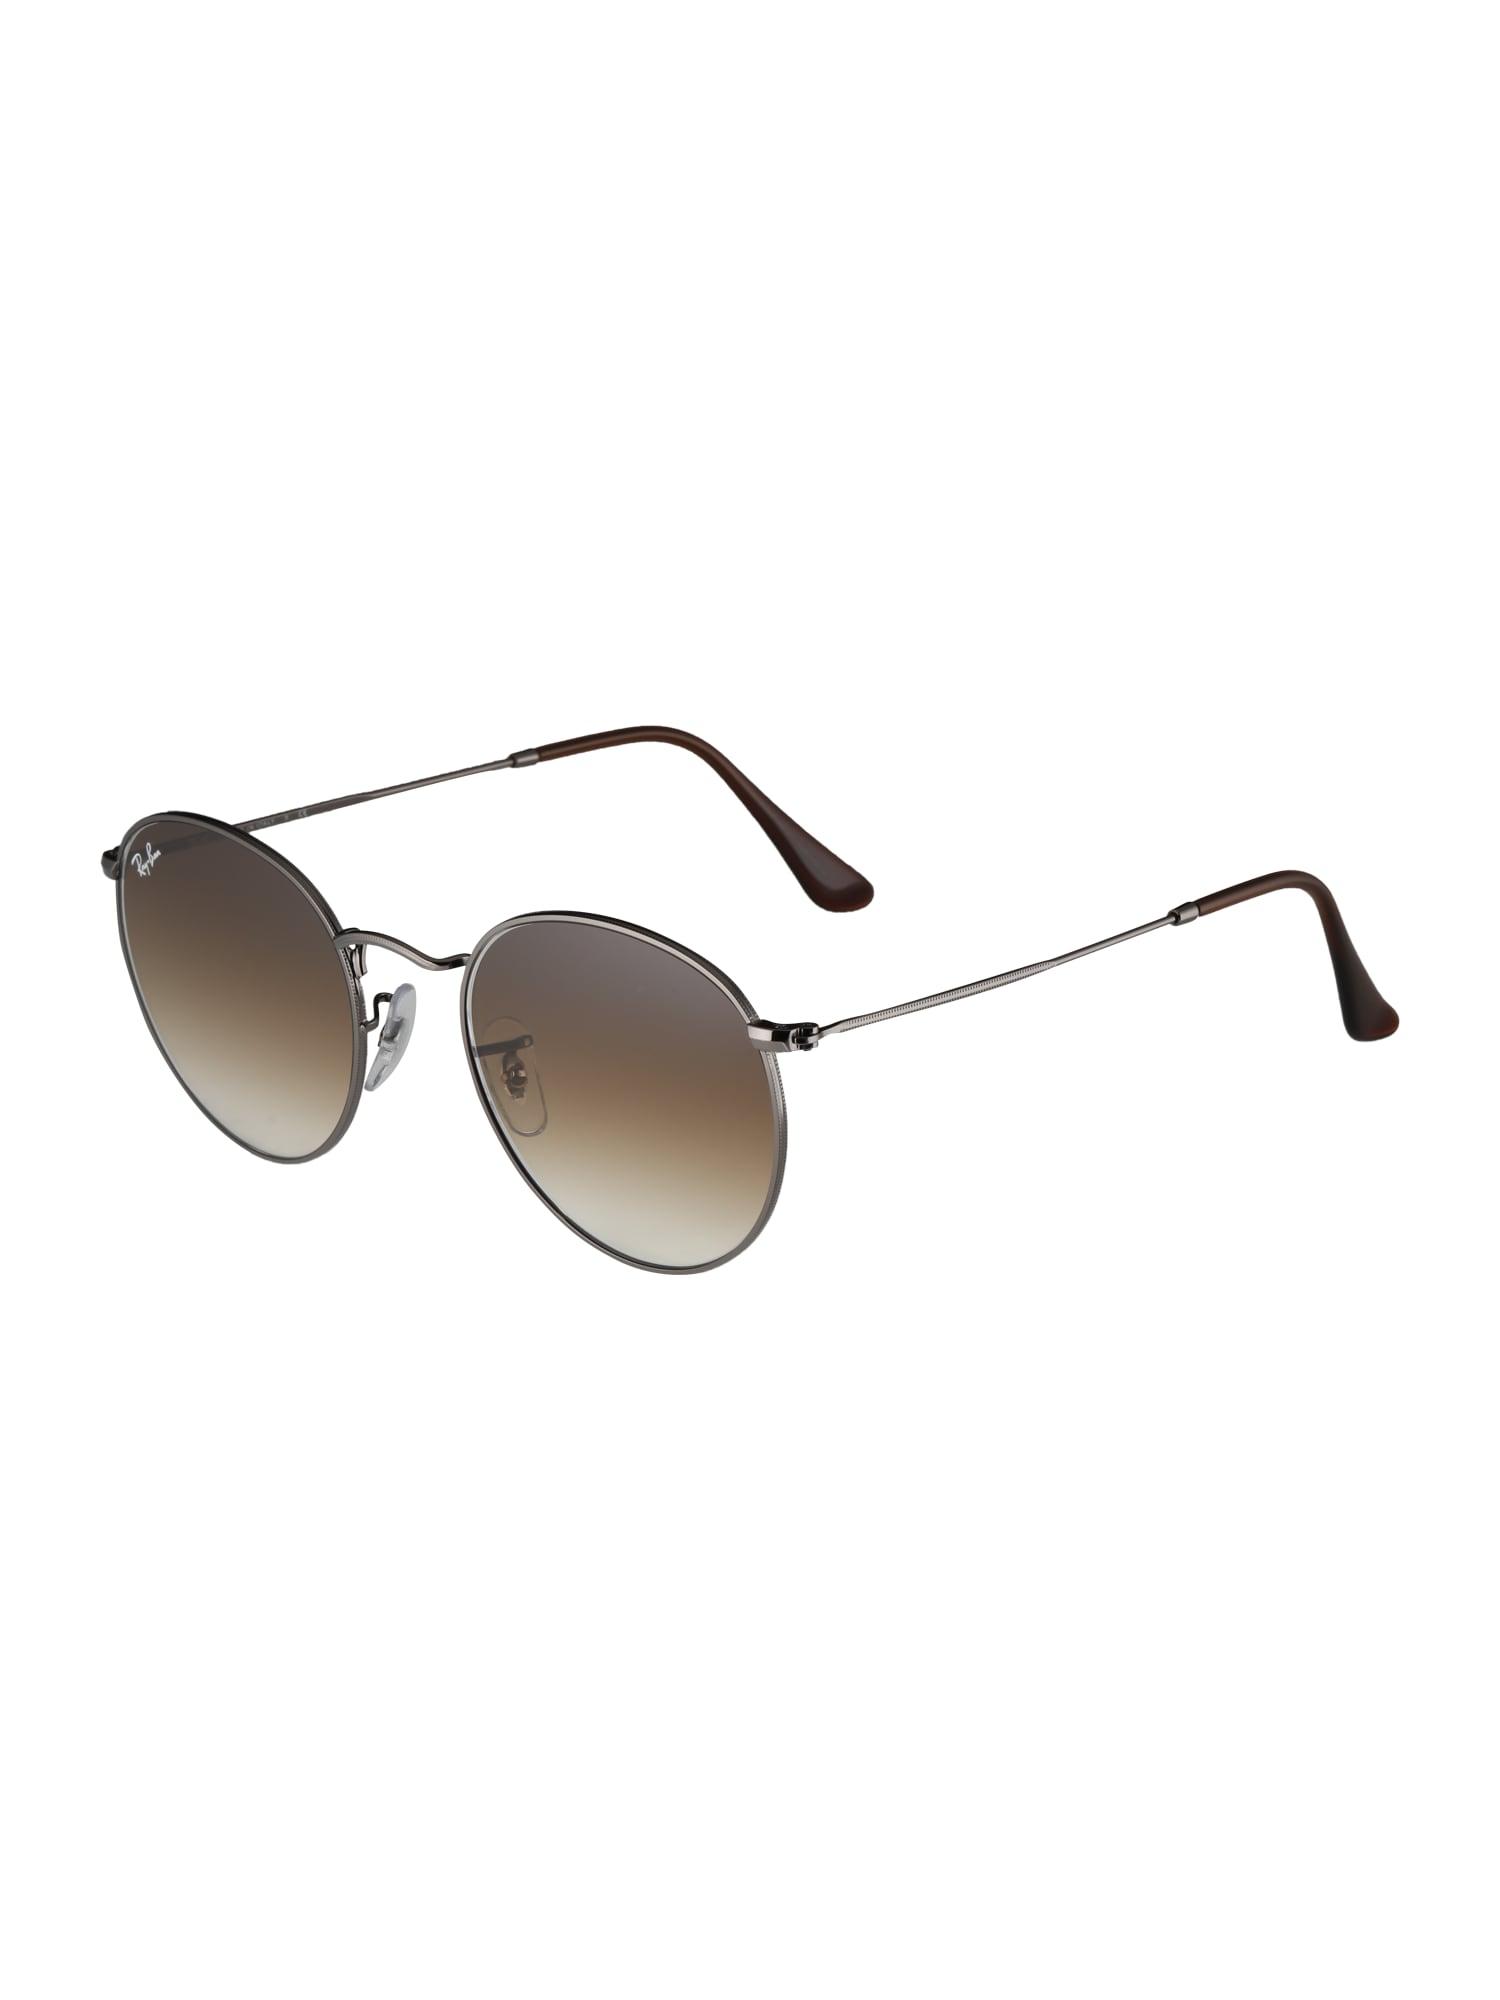 Sonnenbrille 'Round' | Accessoires > Sonnenbrillen | Ray-Ban